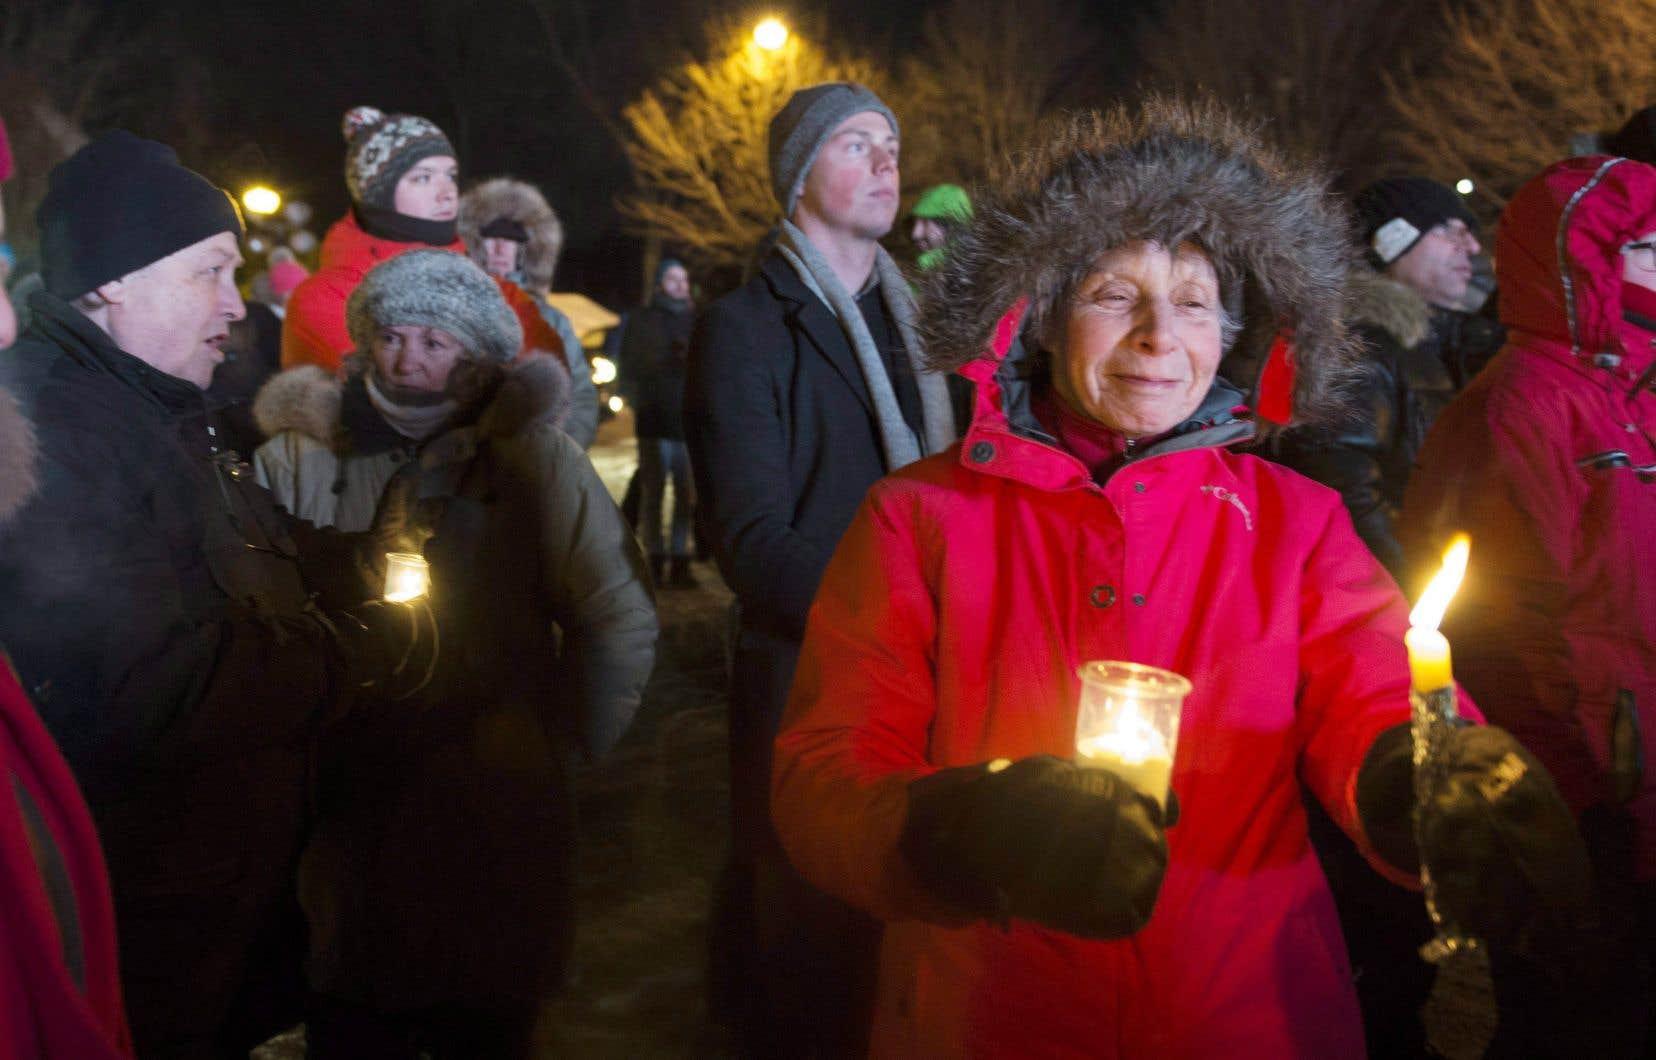 Des centaines de personnes se sont rassemblées à Québec lundi soir pour rendre hommage aux victimes de l'attentat de la grande mosquée de Québec, perpétré le 29janvier 2017.